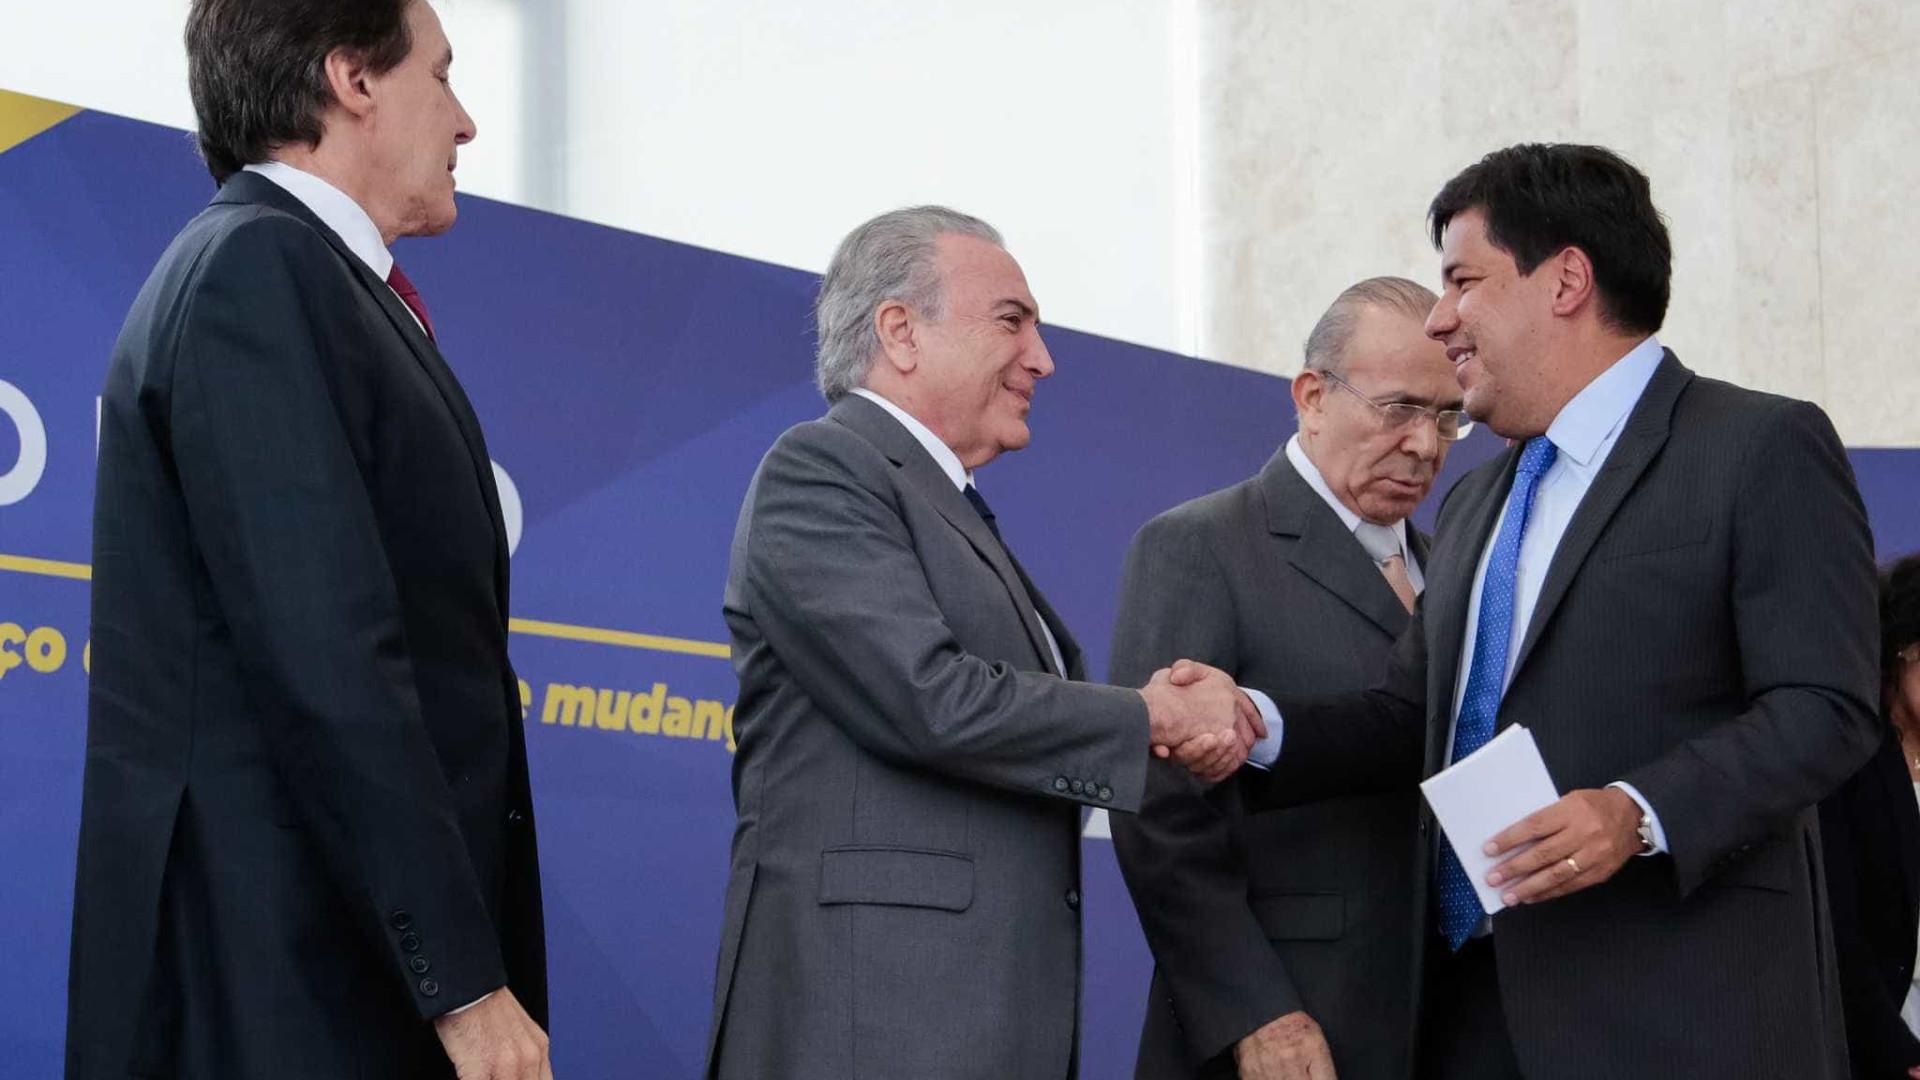 Reforma do Ensino Médio é  publicada no Diário Oficial e vira lei